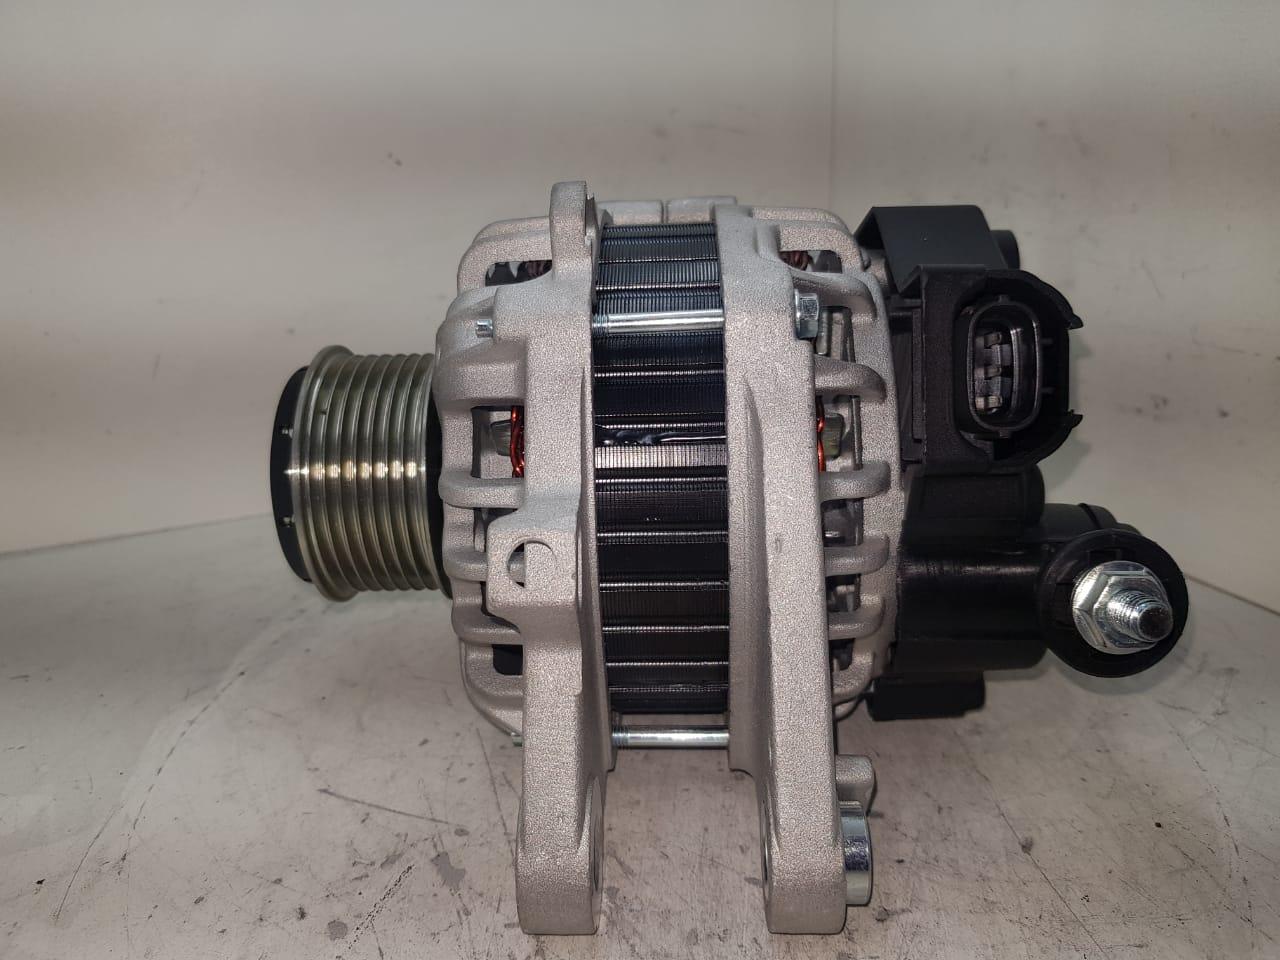 Alternador HYUNDAI HR KIA Bongo K2500 2012 em diante Euro 5 Motor 2.5 VALEO 14V 90A 2610454 373004A700 373004A700 E 70041 D 10234 AEC24049